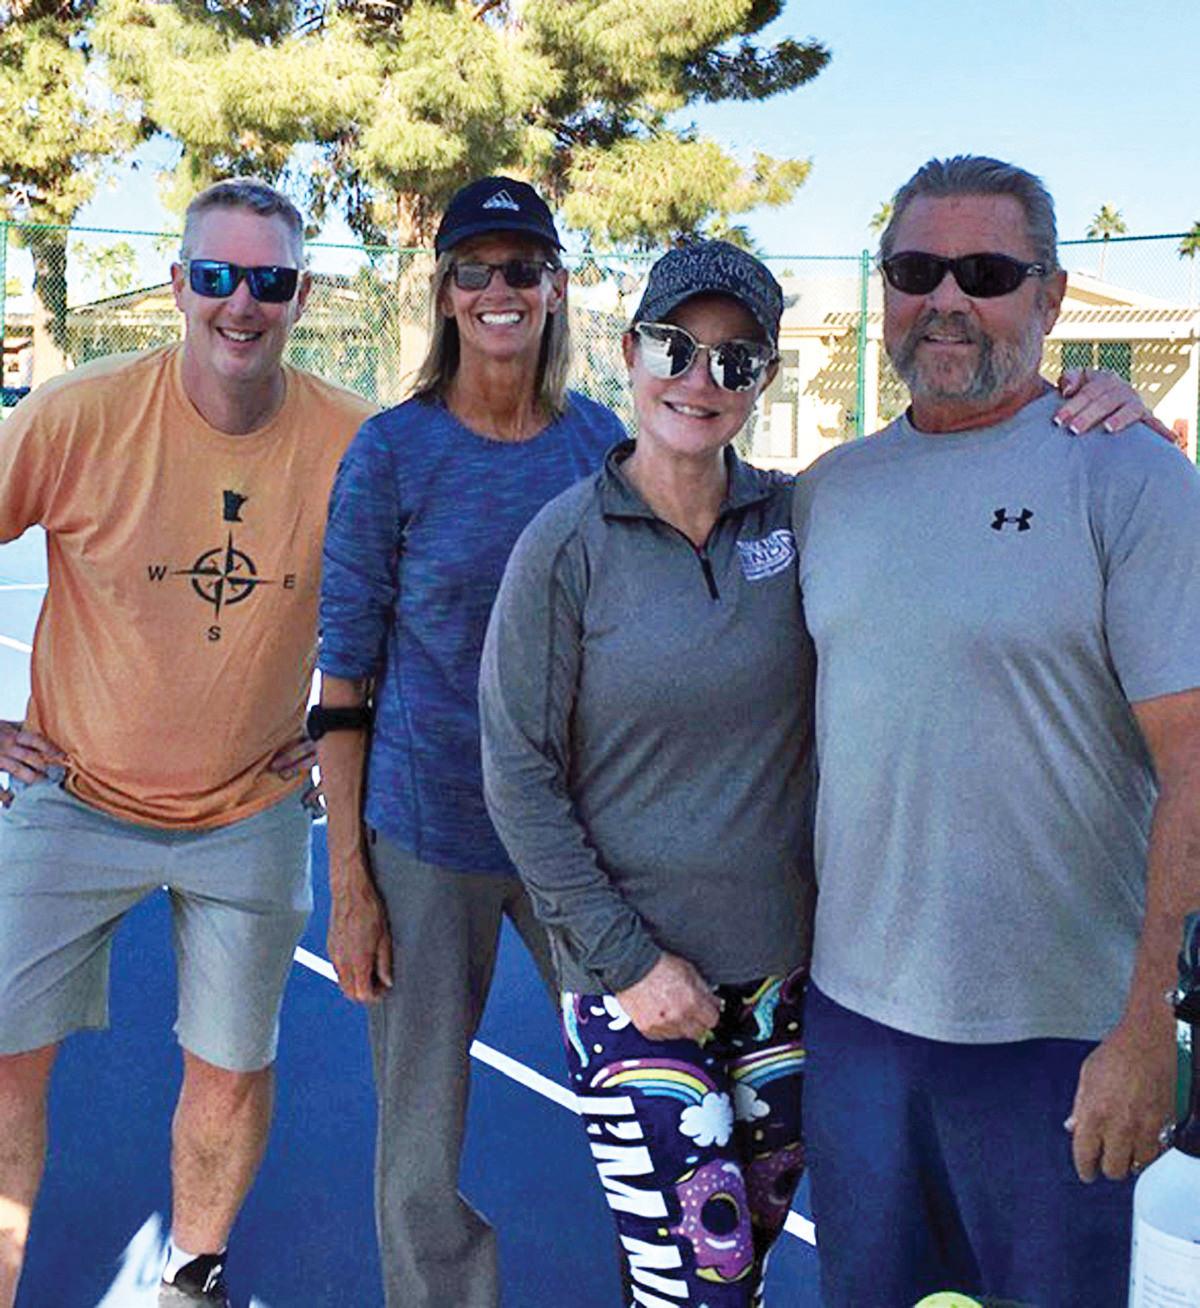 Brad Taylor, Lisa Dingeldein, Marianna Buescher, and Dan Buescher